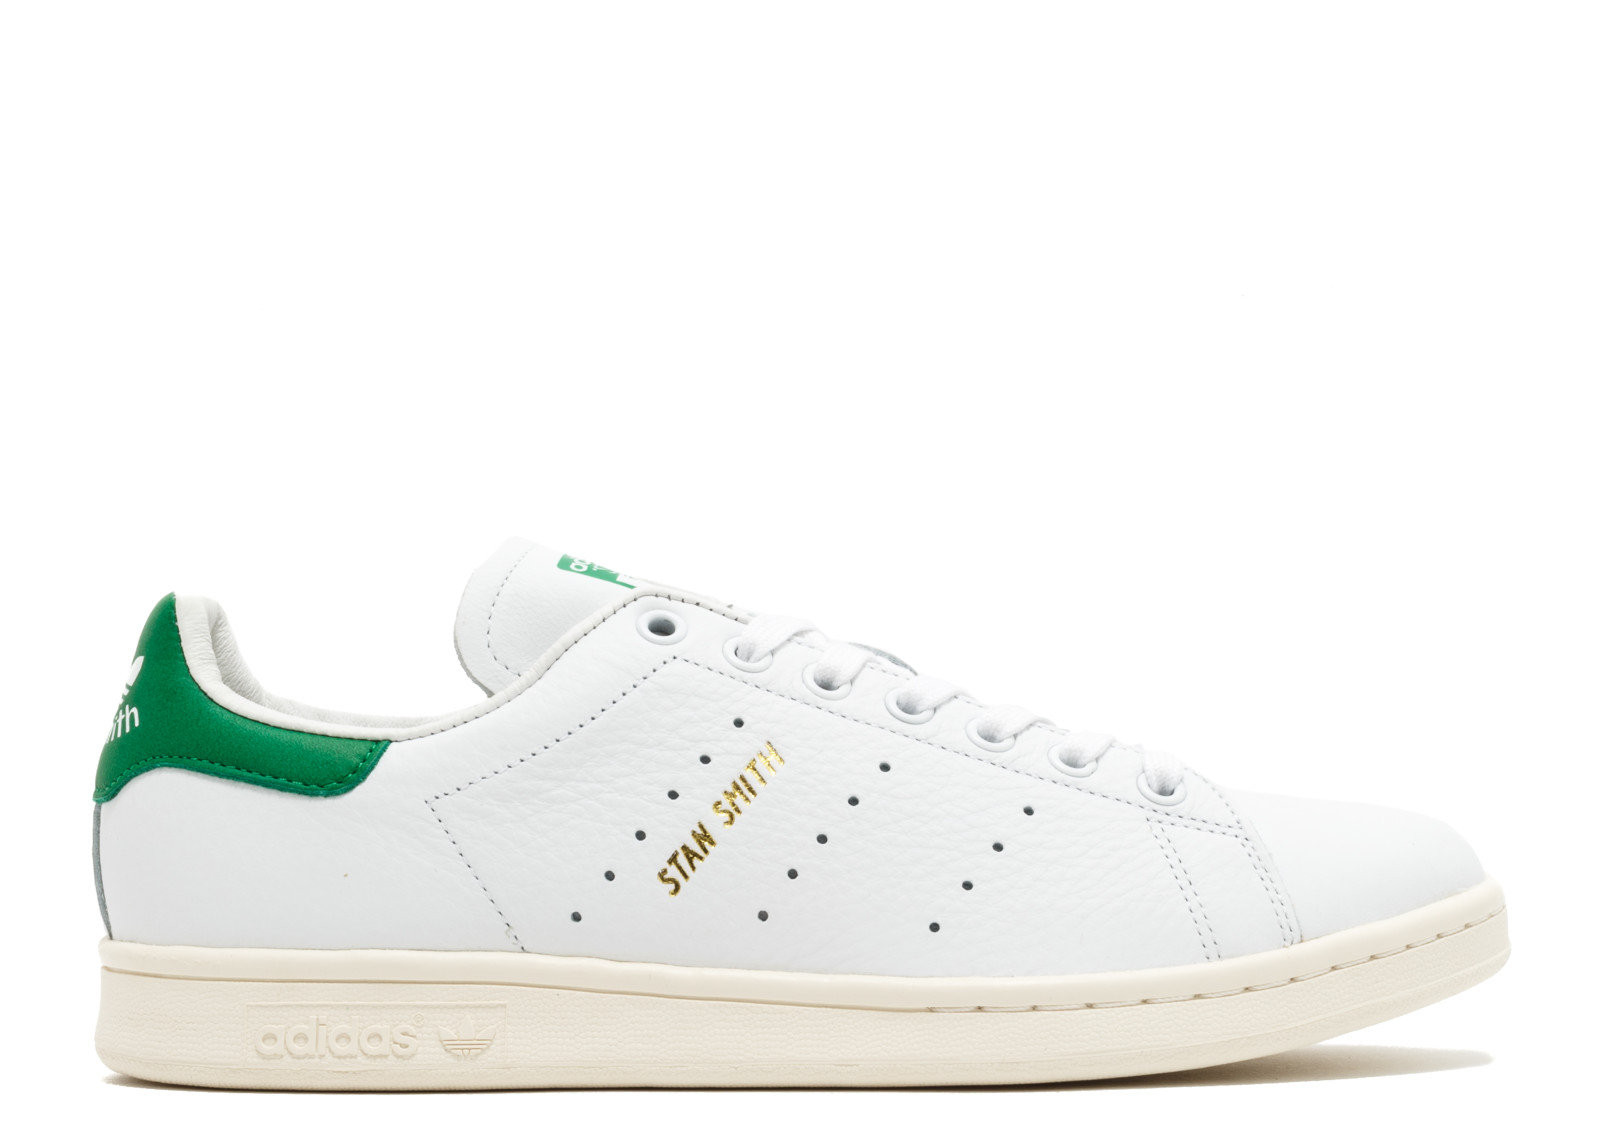 reputable site df73e c62a7 Adidas Stan Smith